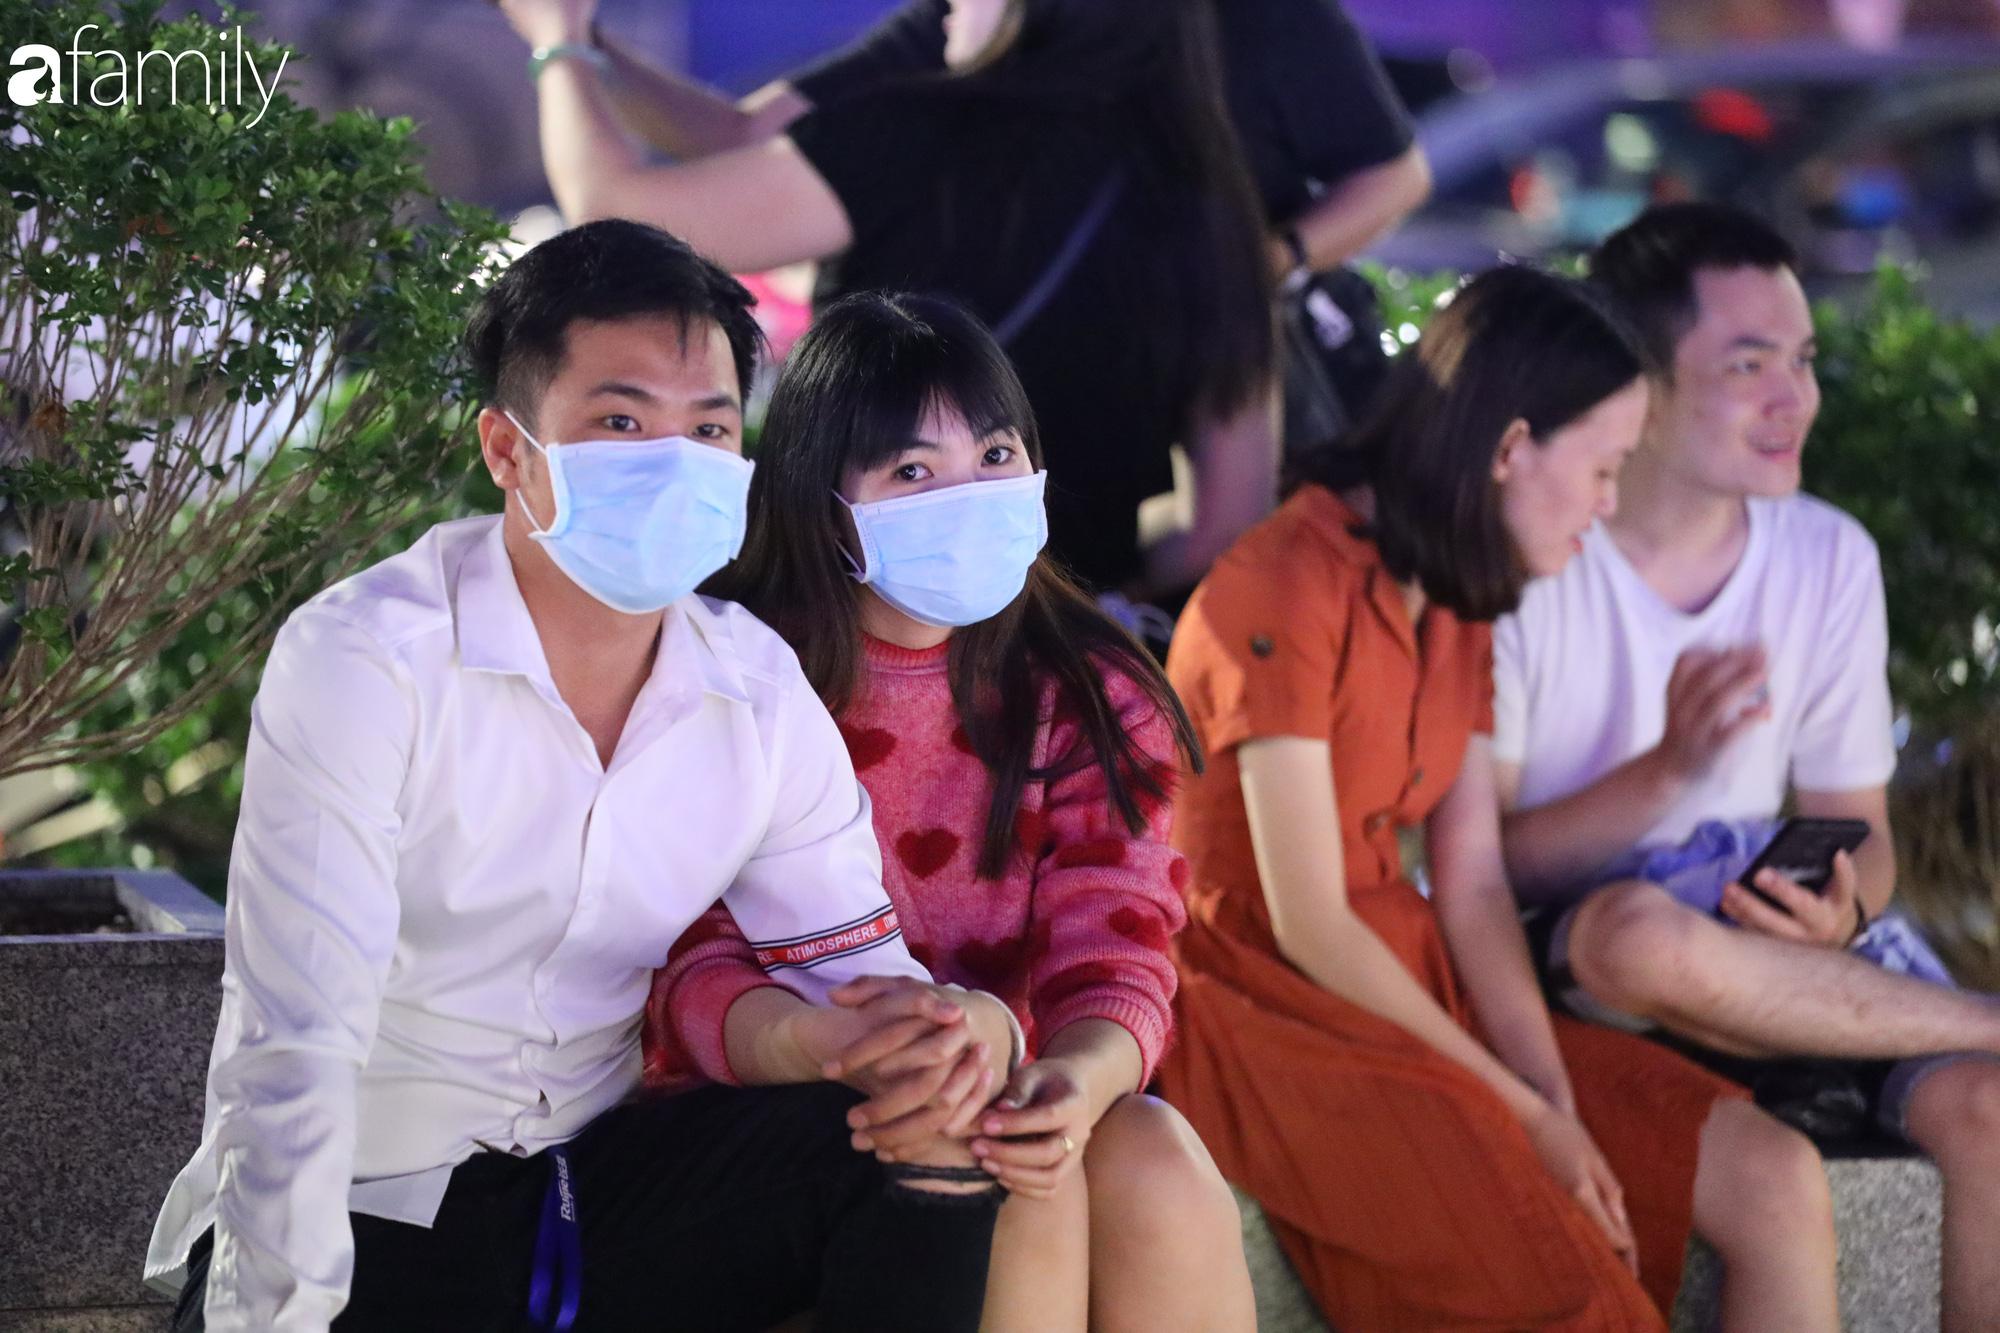 Valentine Hà Nội - Sài Gòn vắng vẻ đìu hiu vì dịch Corona, từ trung tâm thương mại đến phố phường đều ít bóng tình nhân đi chơi - Ảnh 7.